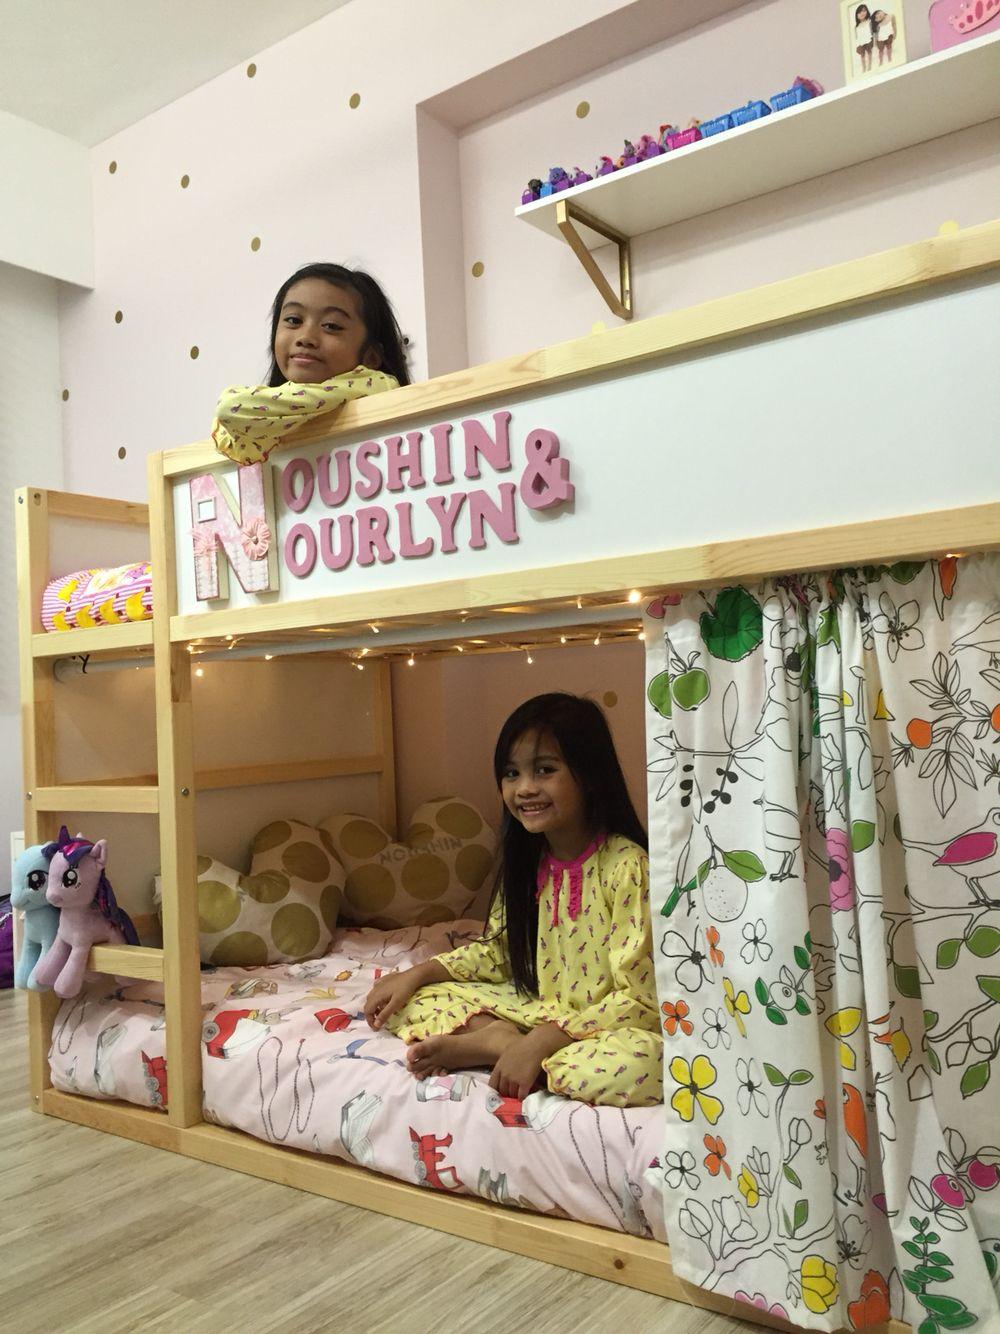 Ikea kura bed in girls bedroom \u2026 | Pinteres\u2026